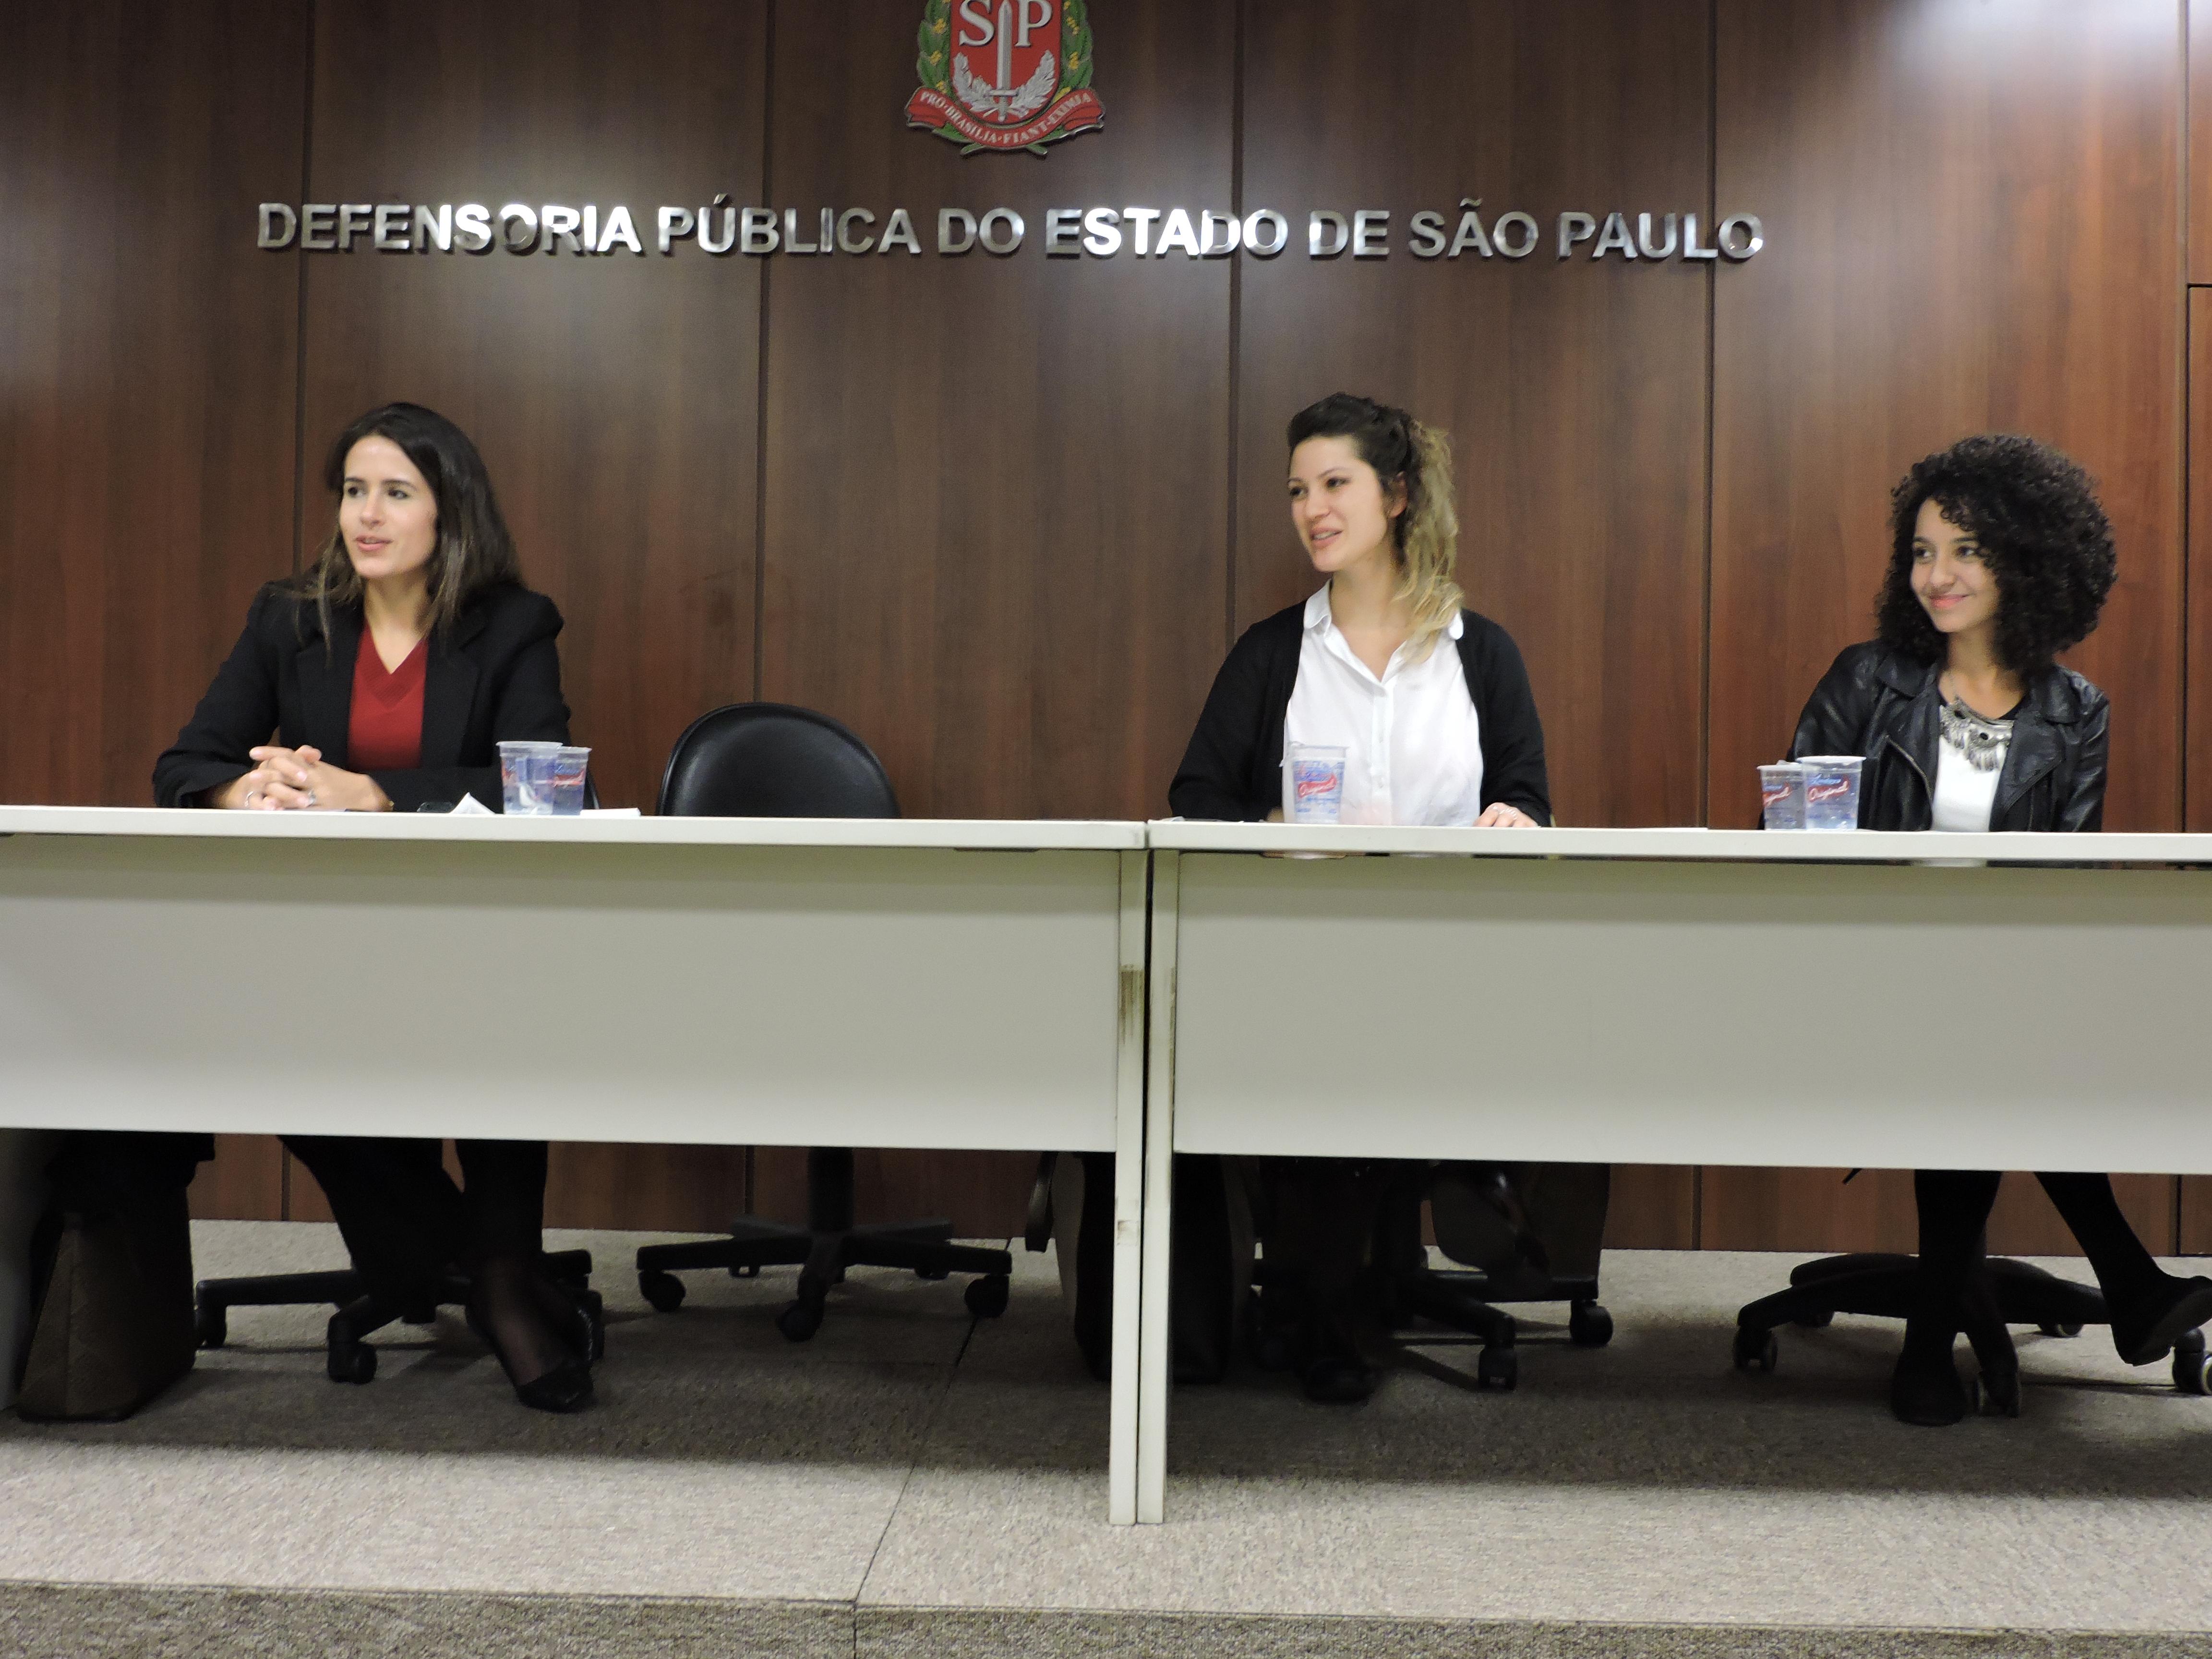 Gisele, Mariana e Natália: pesquisadoras durante evento da Defensoria Pública (Foto: Beatriz Accioly)